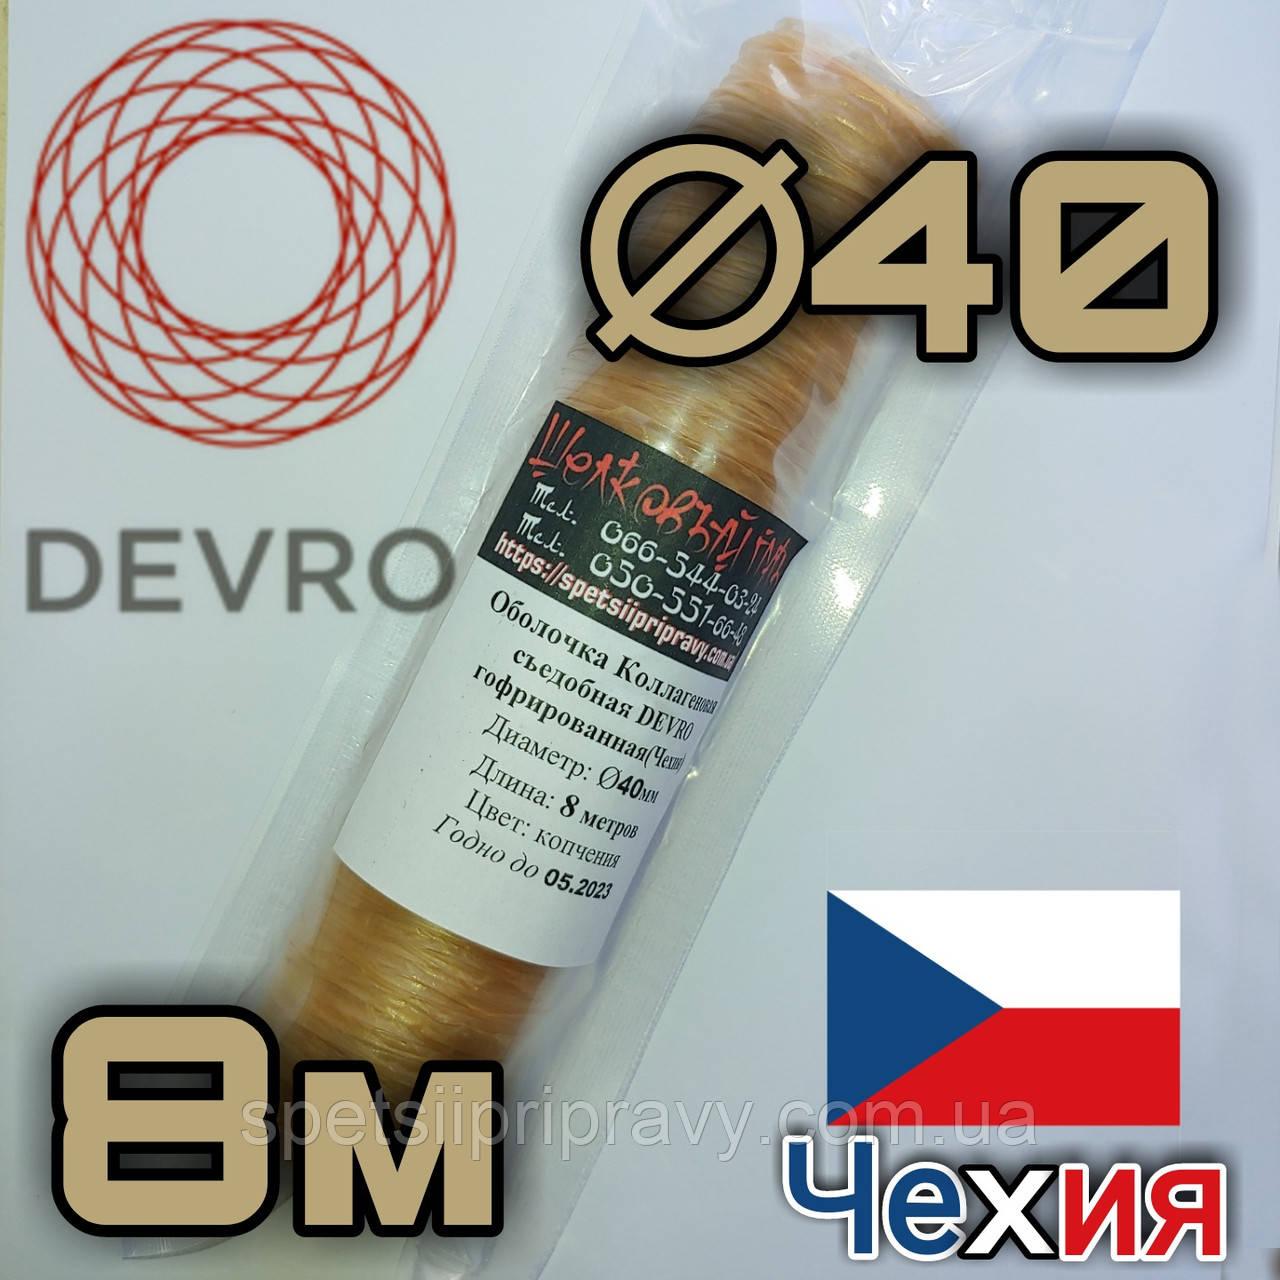 Кольцевая съедобная коллагеновая оболочка ∅40мм DEVRO RONDO - RQ , длина  8м. Чехия